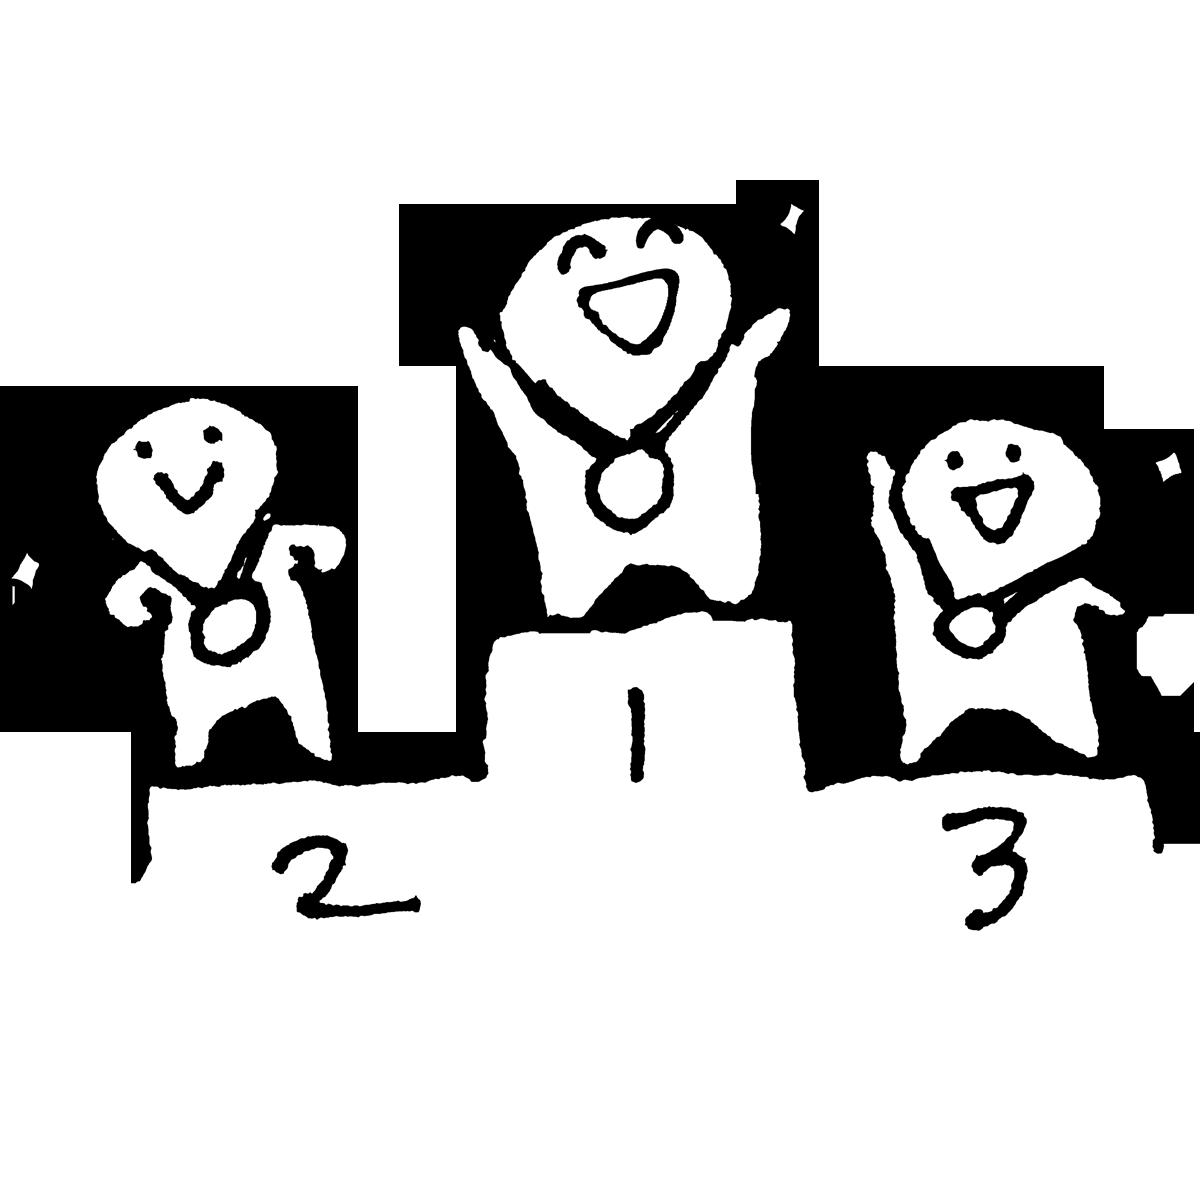 表彰台 表彰式のイラスト winnerspodium